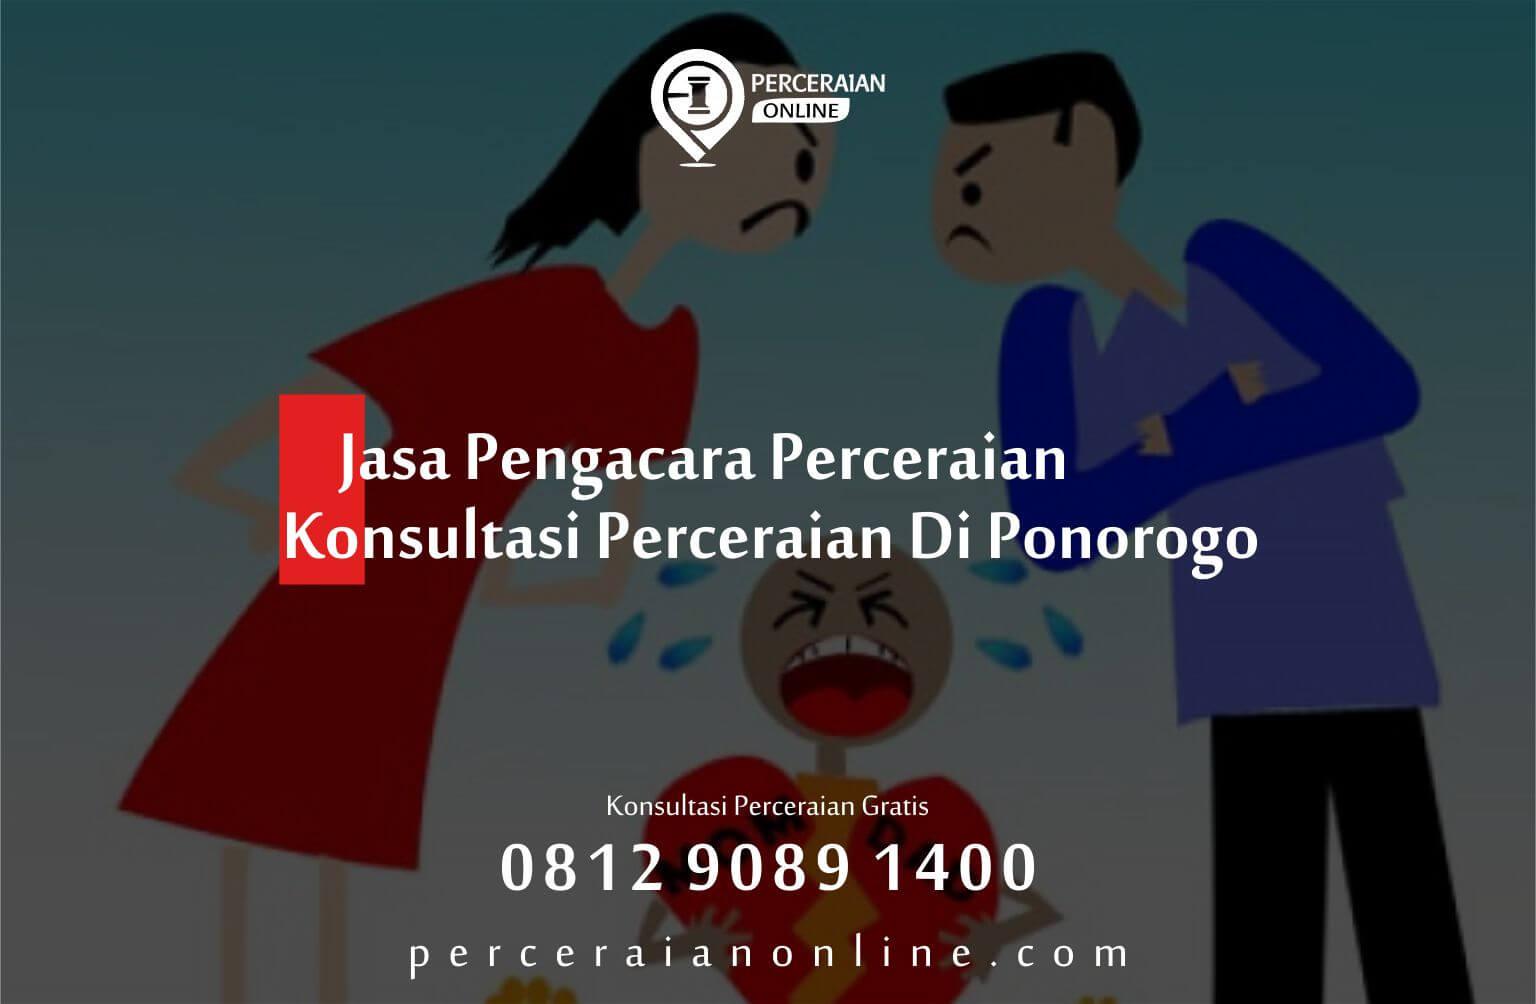 Jasa Pengacara Perceraian, Konsultasi Perceraian Di Ponorogo